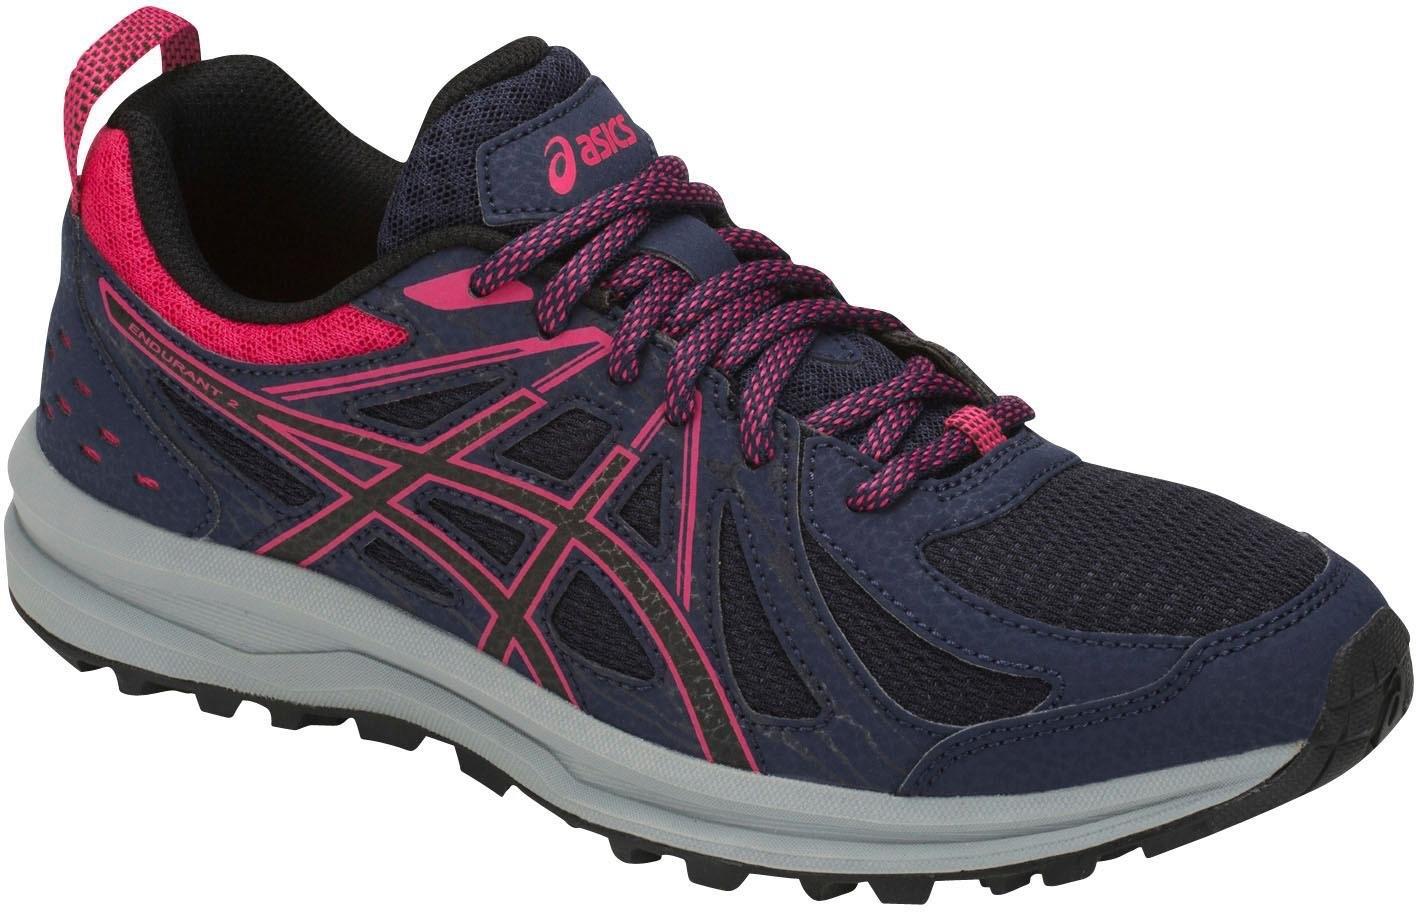 asics runningschoenen »FREQUENT XT« bij OTTO online kopen